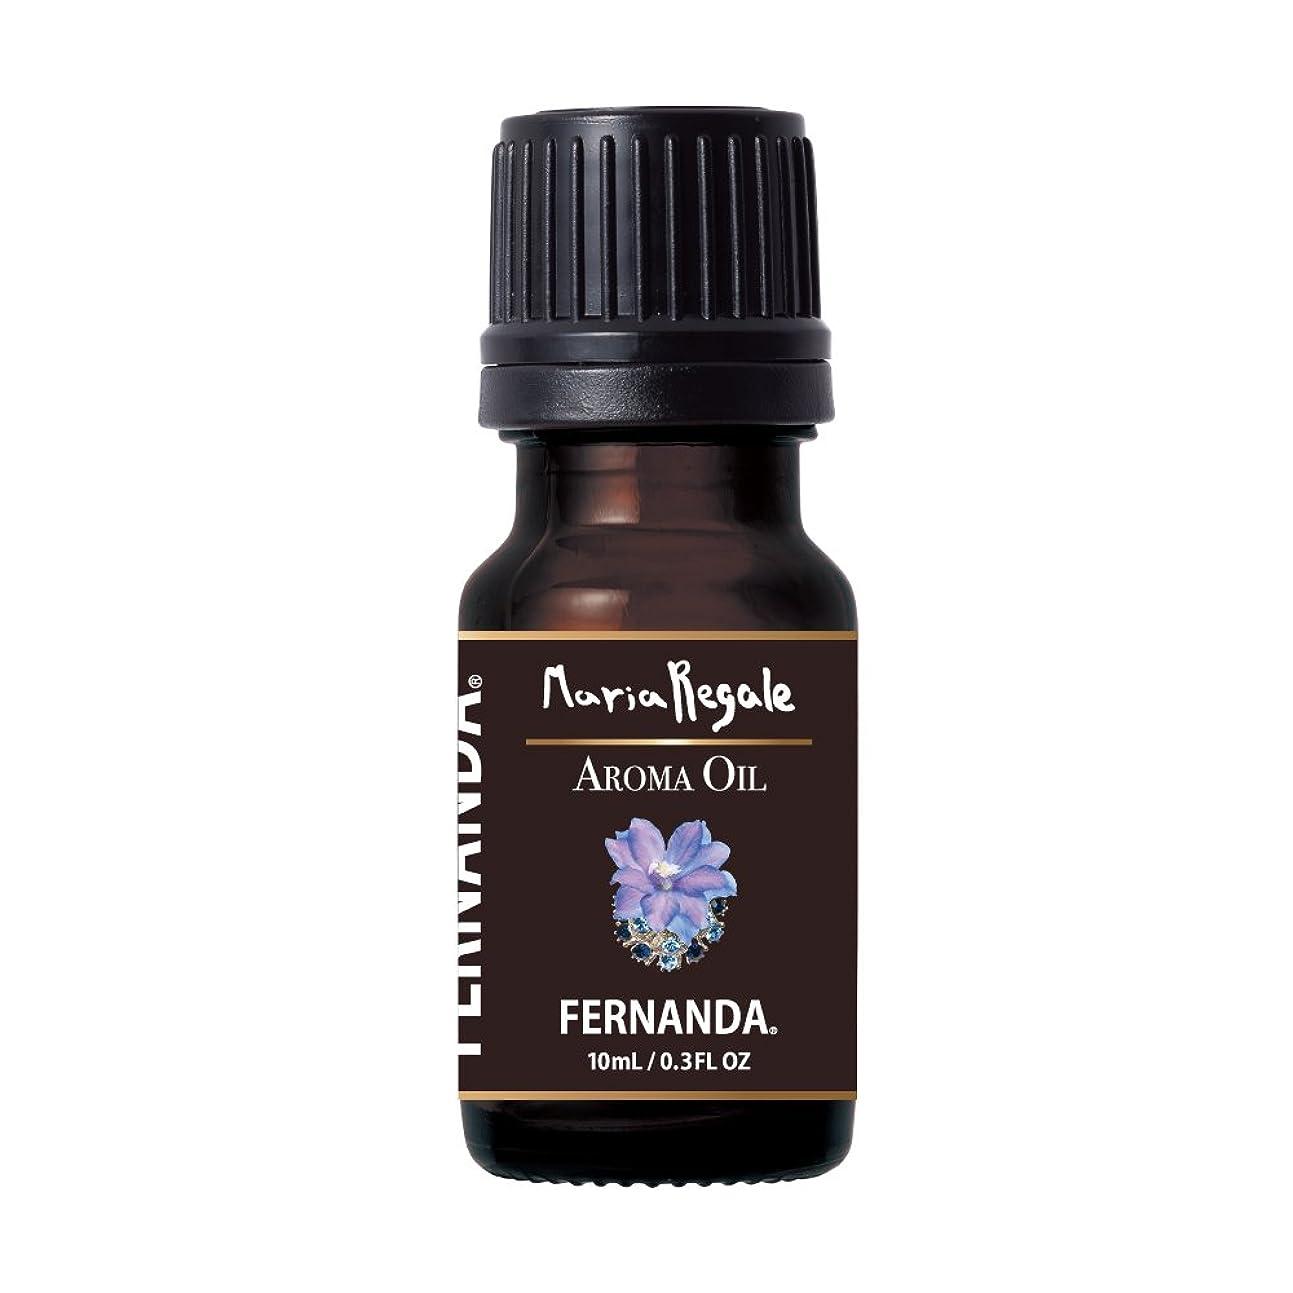 認可責任勤勉FERNANDA(フェルナンダ) Fragrance Aroma Oil Maria Regal (アロマオイル マリアリゲル)